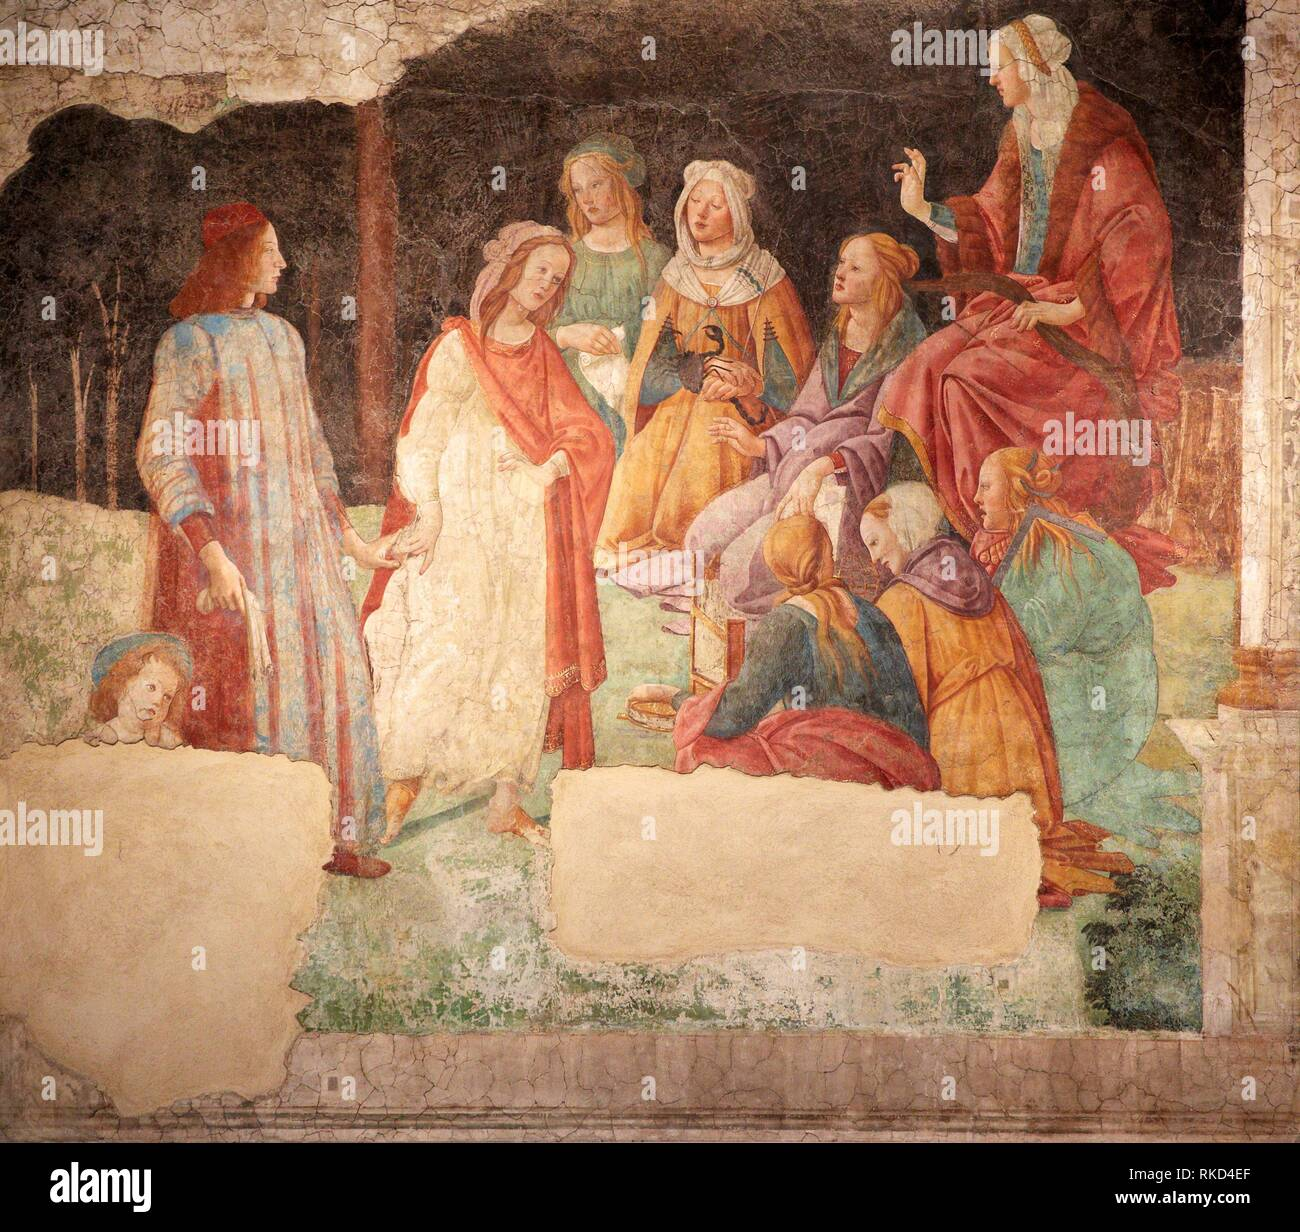 ''' Ein junger Mann eingeführt, um die Sieben Freien Künste'' oder ''Lorenzo Tornabuoni durch Grammatik zu Prudentia und die anderen Freien Künste'' präsentiert, Stockbild